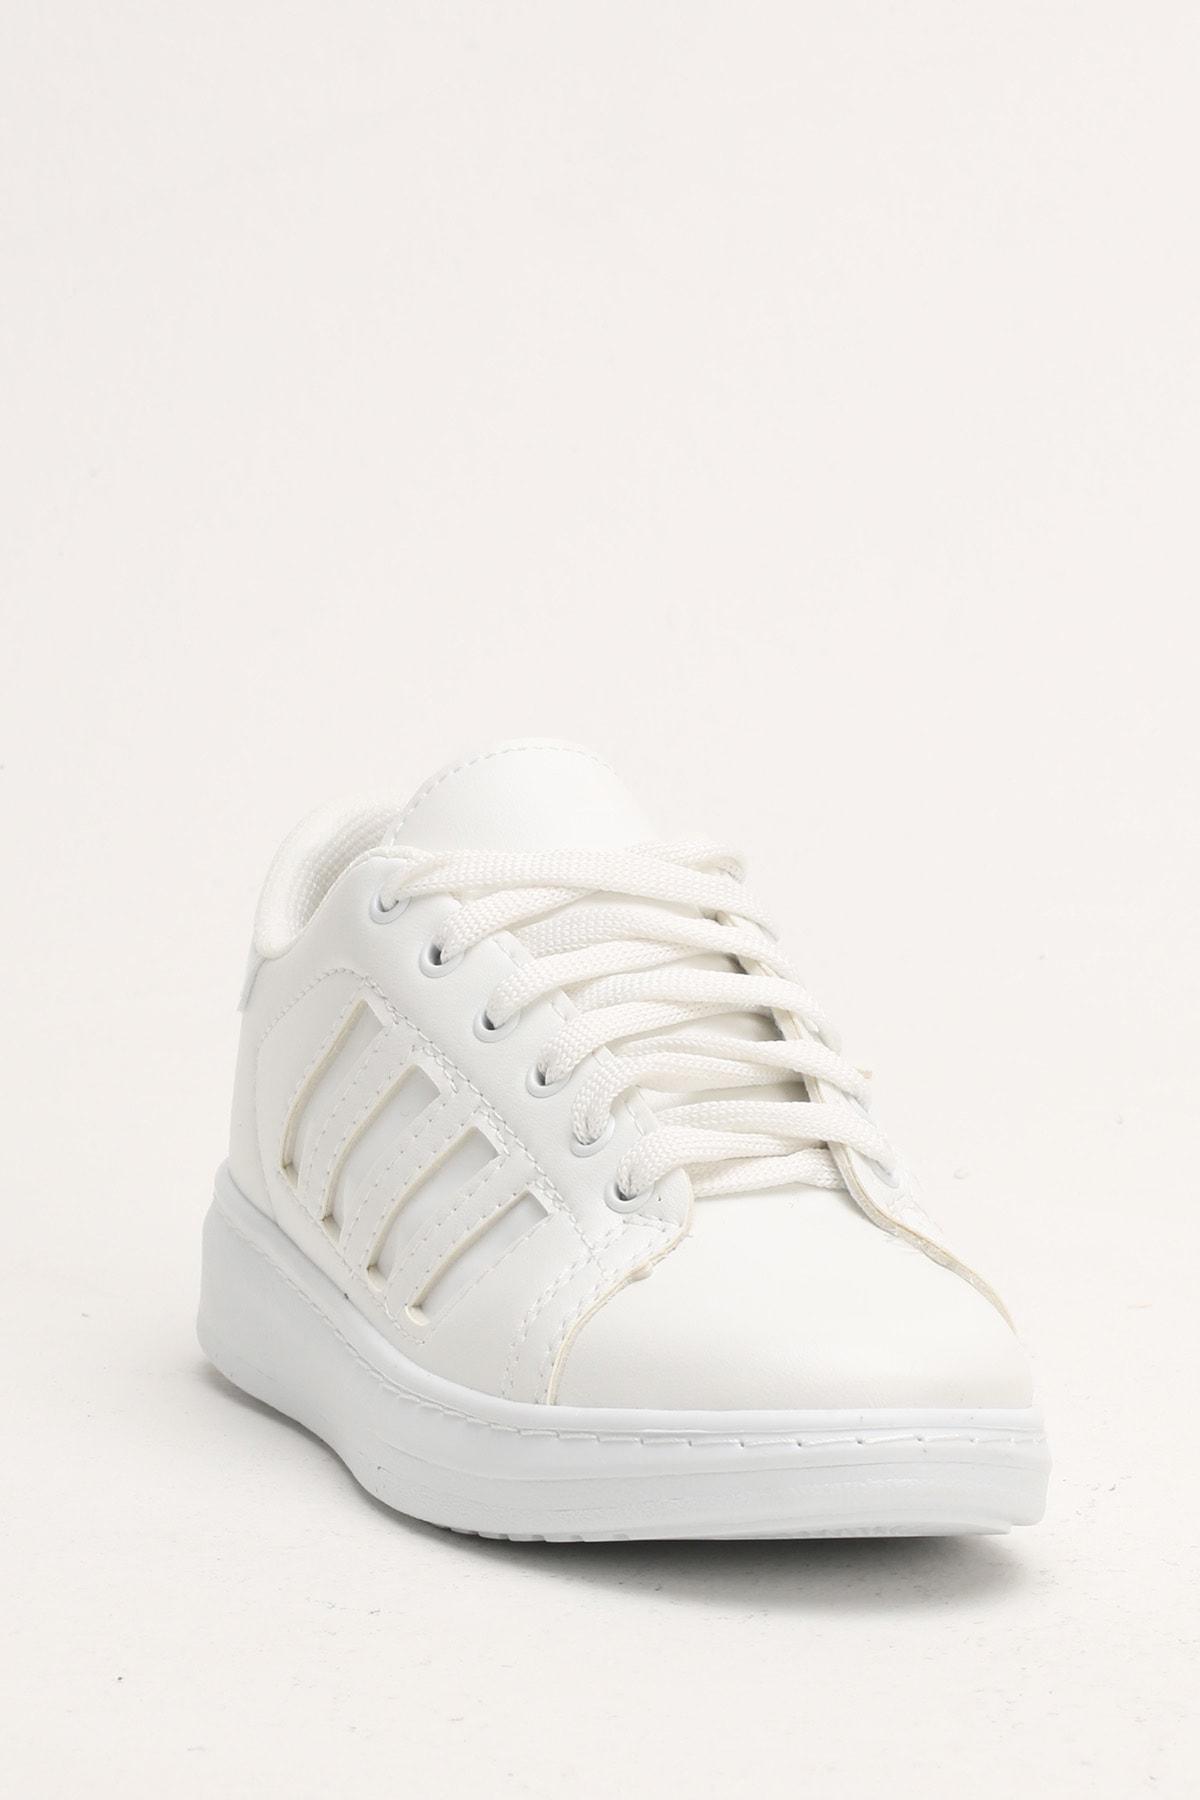 Ayakkabı Modası Beyaz Kadın Spor Ayakkabı M4000-19-101002R 1